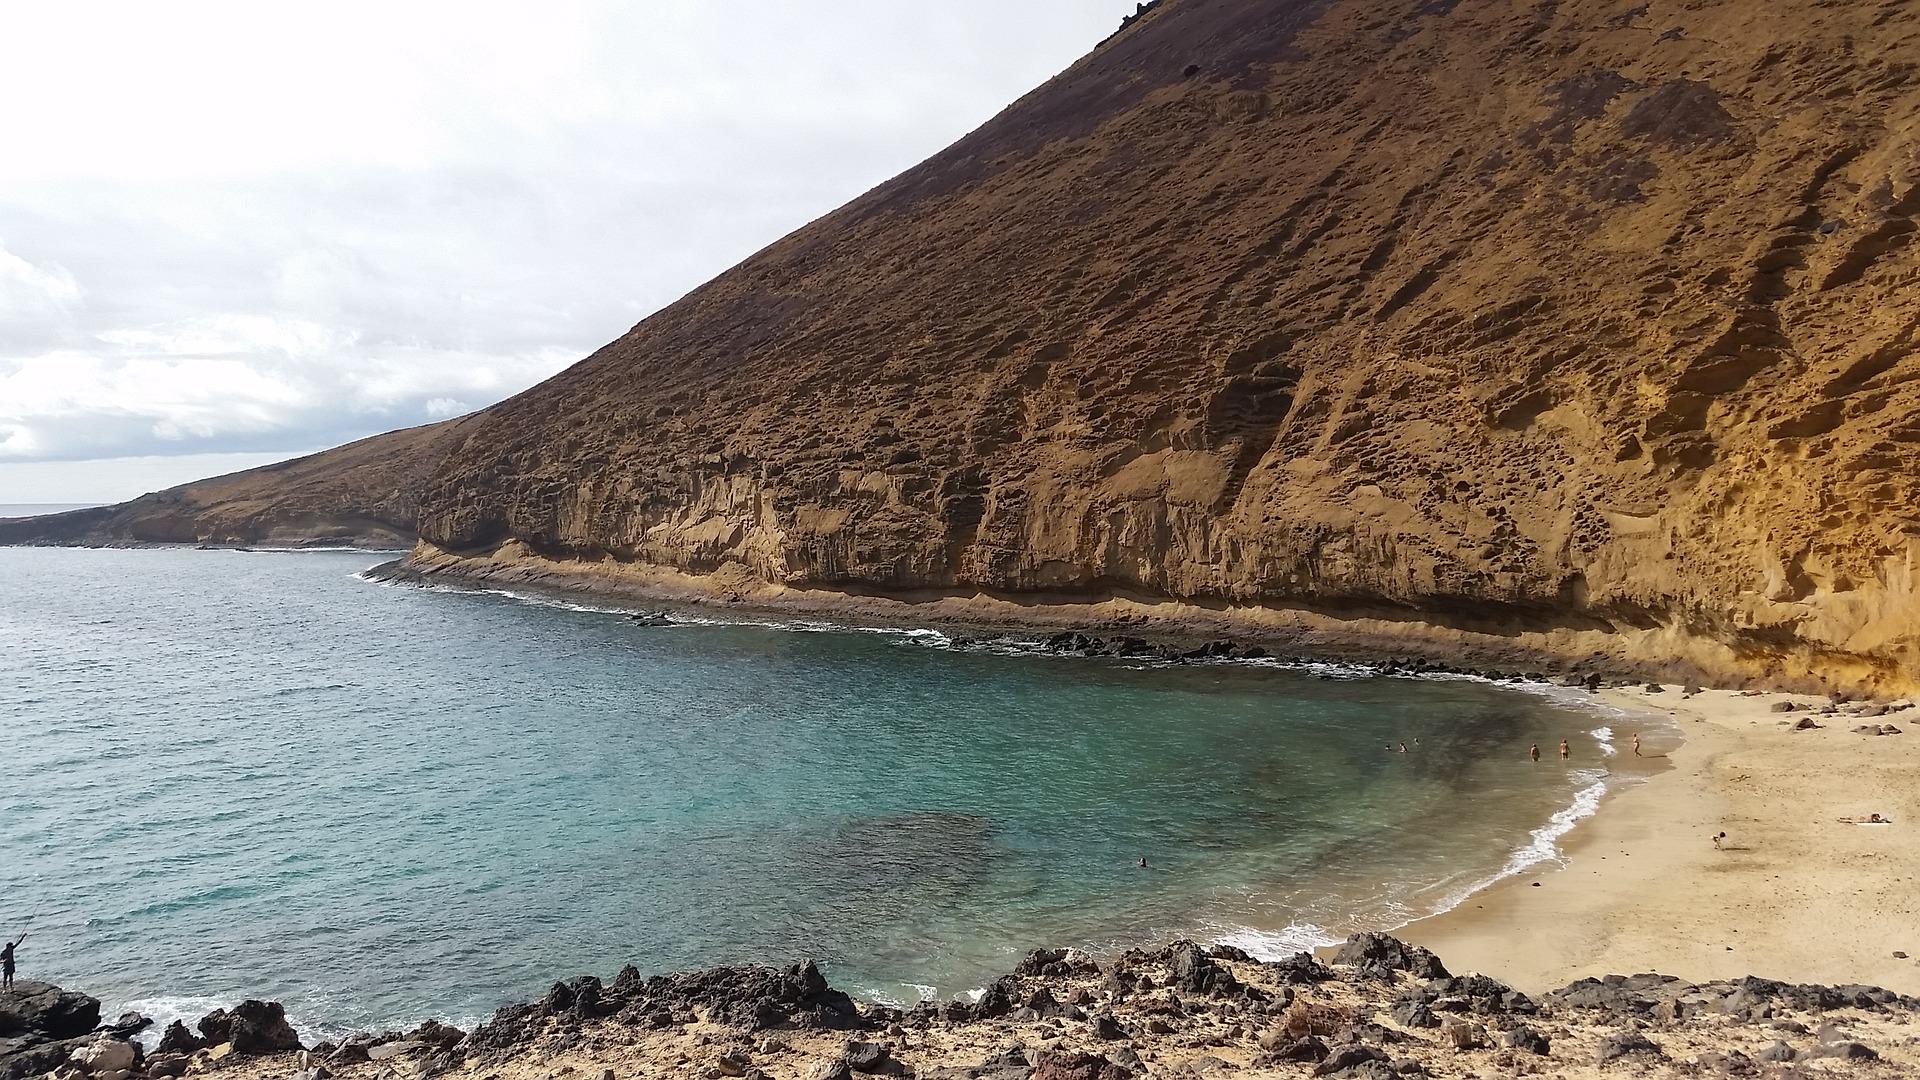 Lanzarote_Canaries_CC0.jpg?1545558591